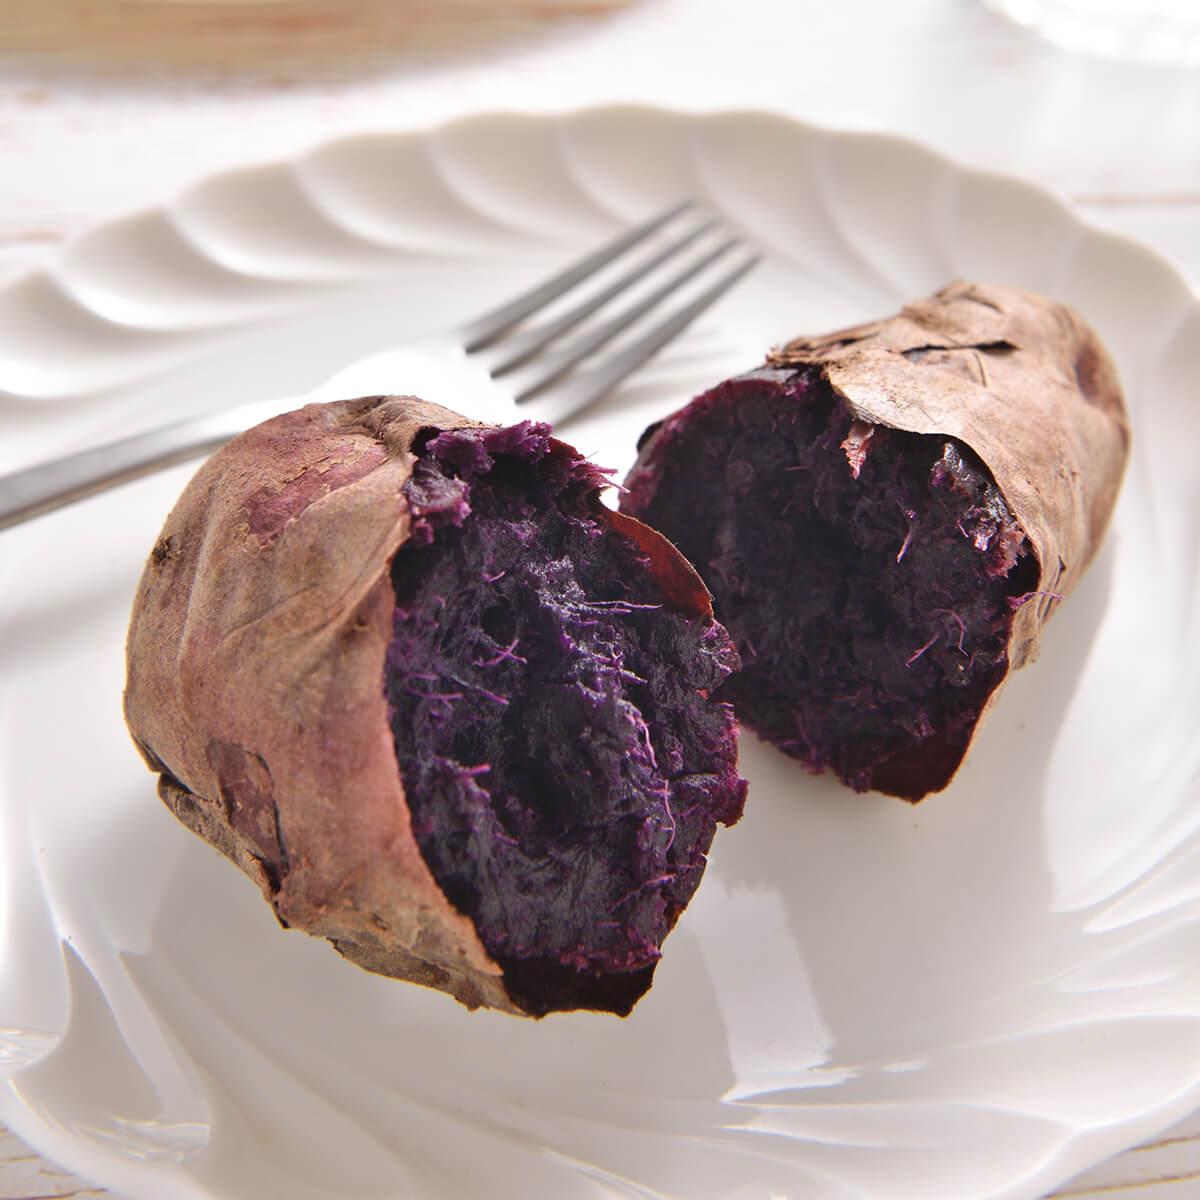 紫心冰烤蕃薯S